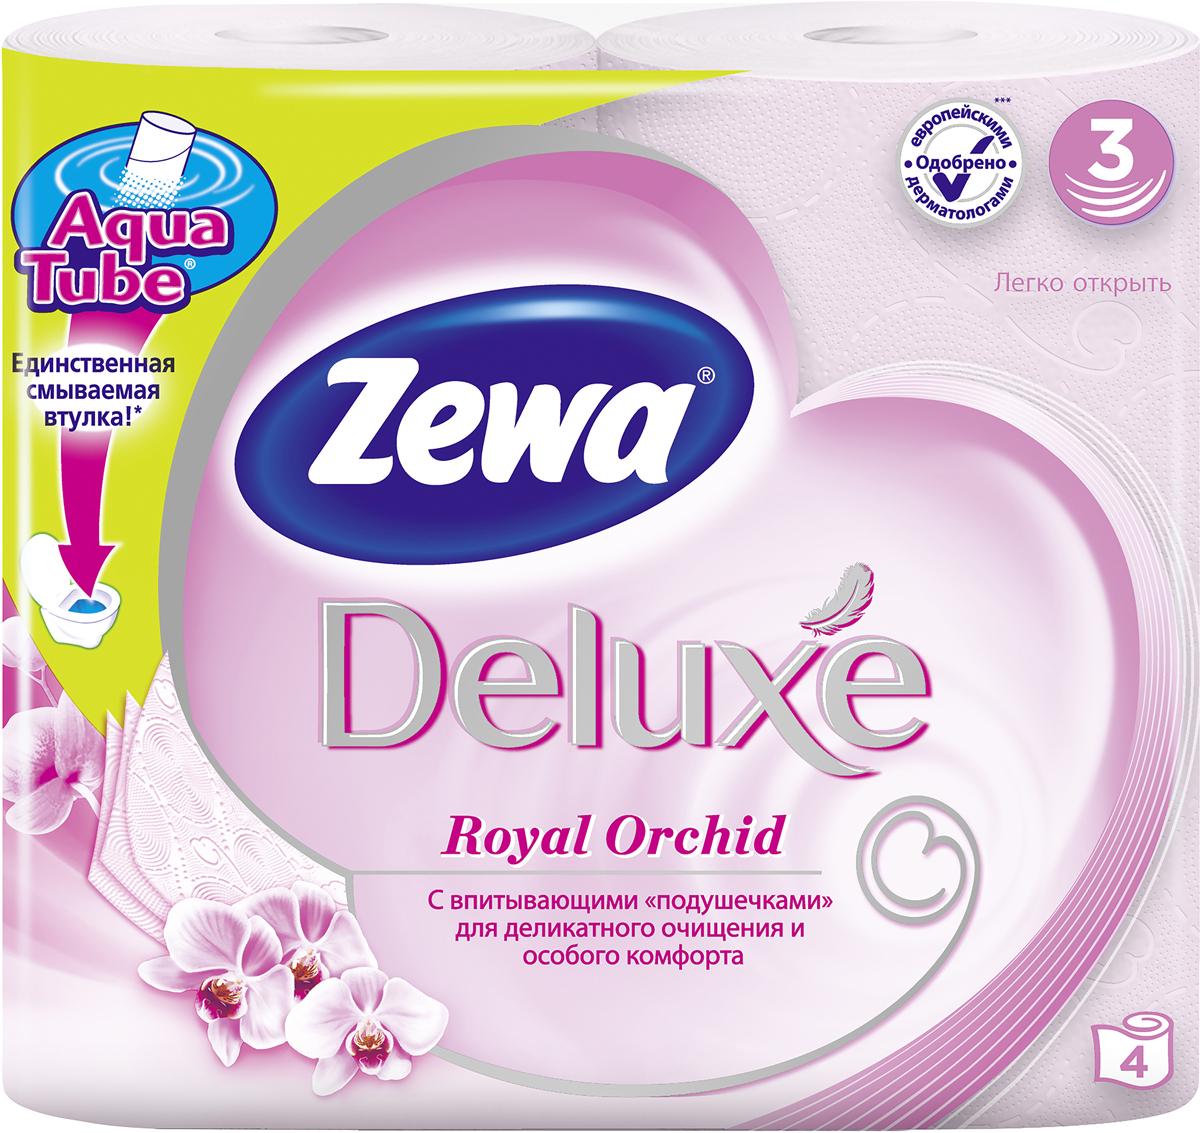 """Подарите себе удовольствие от ежедневного ухода за собой. Розовая 3-х слойная туалетная бумага Zewa """"Deluxe"""" с ароматом орхидеи, смываемой втулкой Aqua Tube и новыми впитывающими """"подушечками"""" деликатно очищает и нежно заботится о вашей коже. Мягкость, забота, комфорт – вашей коже это понравится!"""